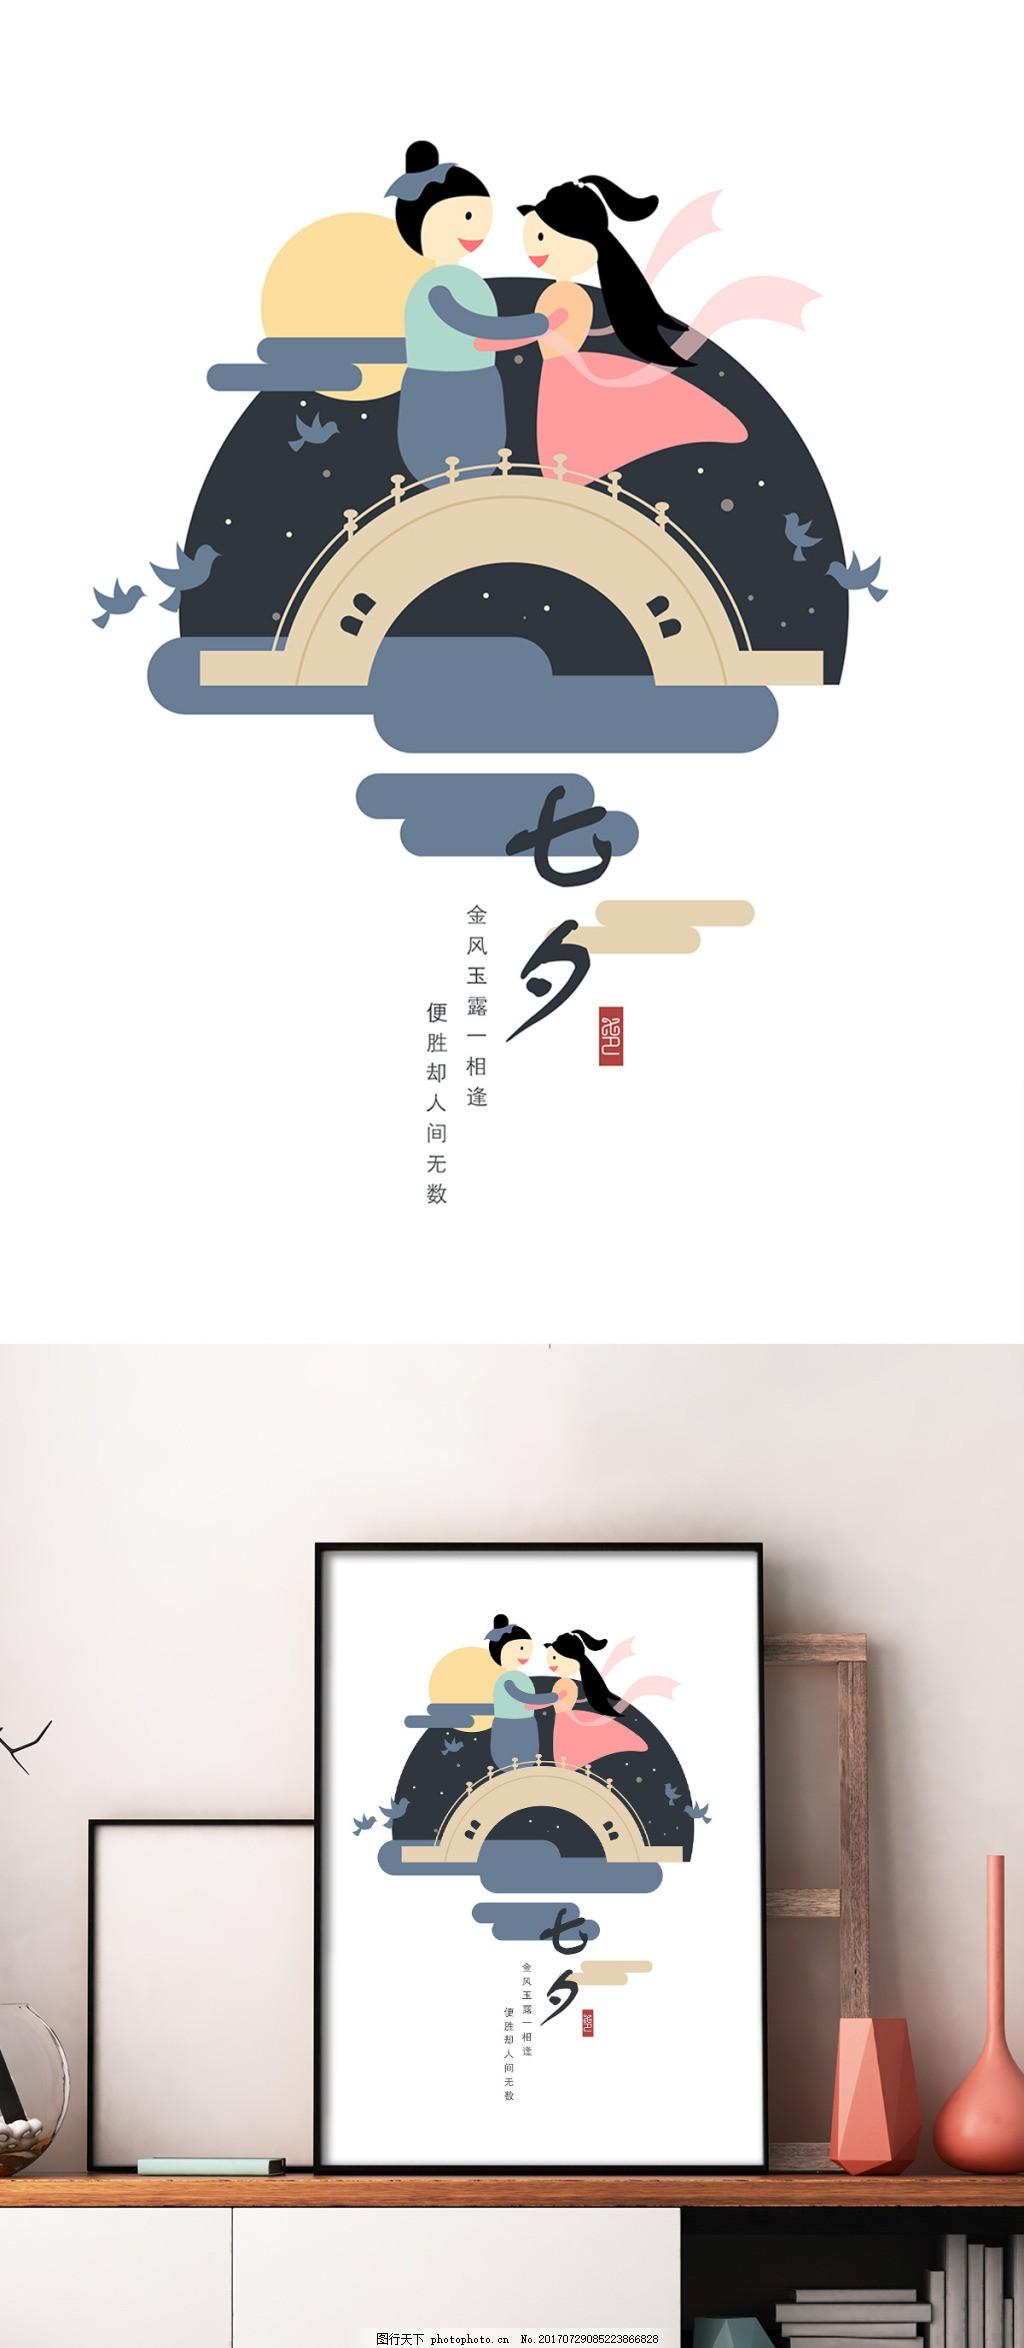 七夕手绘插画海报 传统节日 扁平化 牛郎 织女 桥 月亮 鹊桥